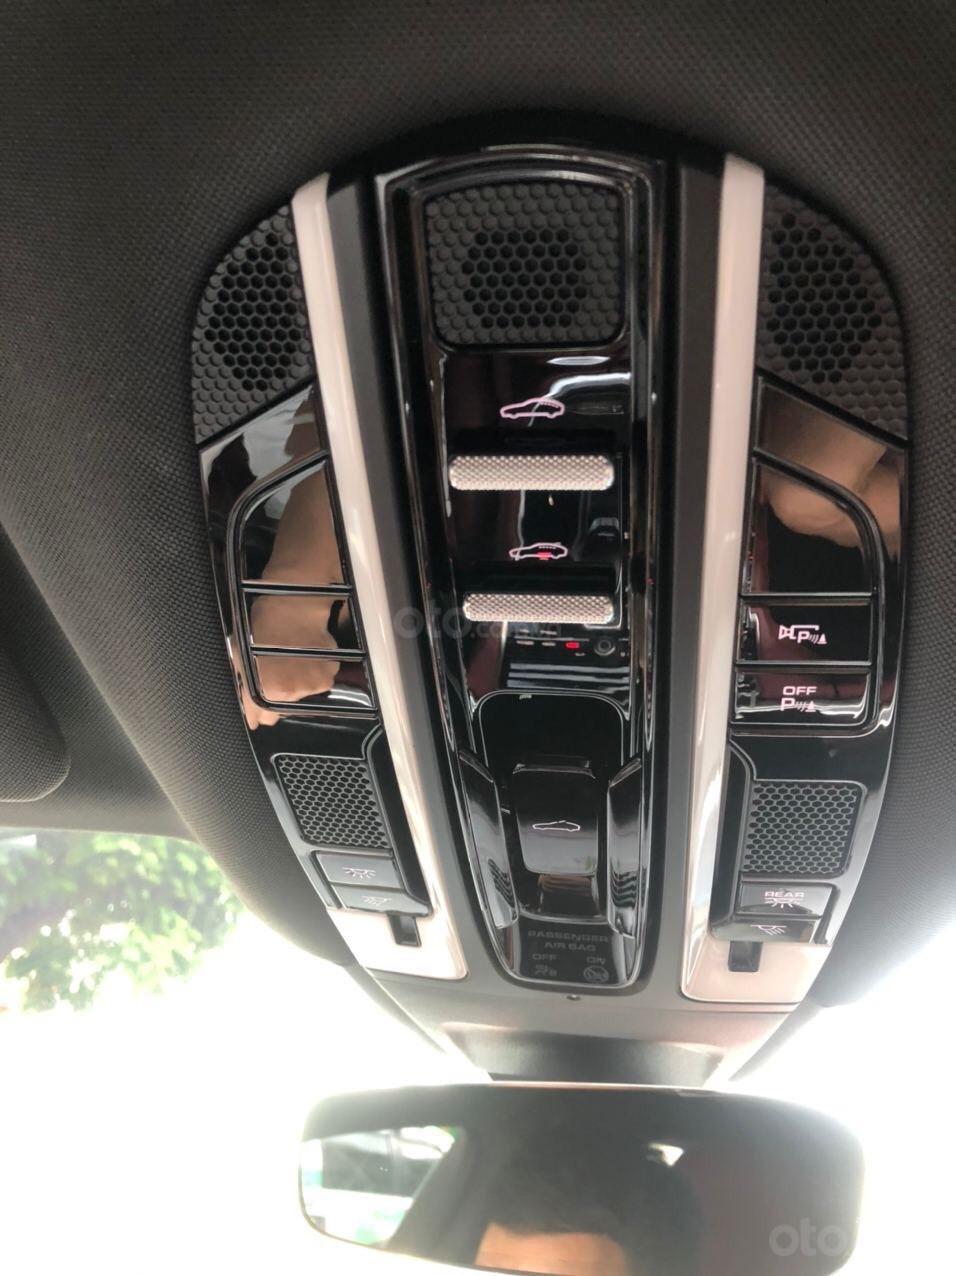 Cần bán xe Porsche Panamera 2018 full cacbon màu trắng, nội thất đỏ (10)